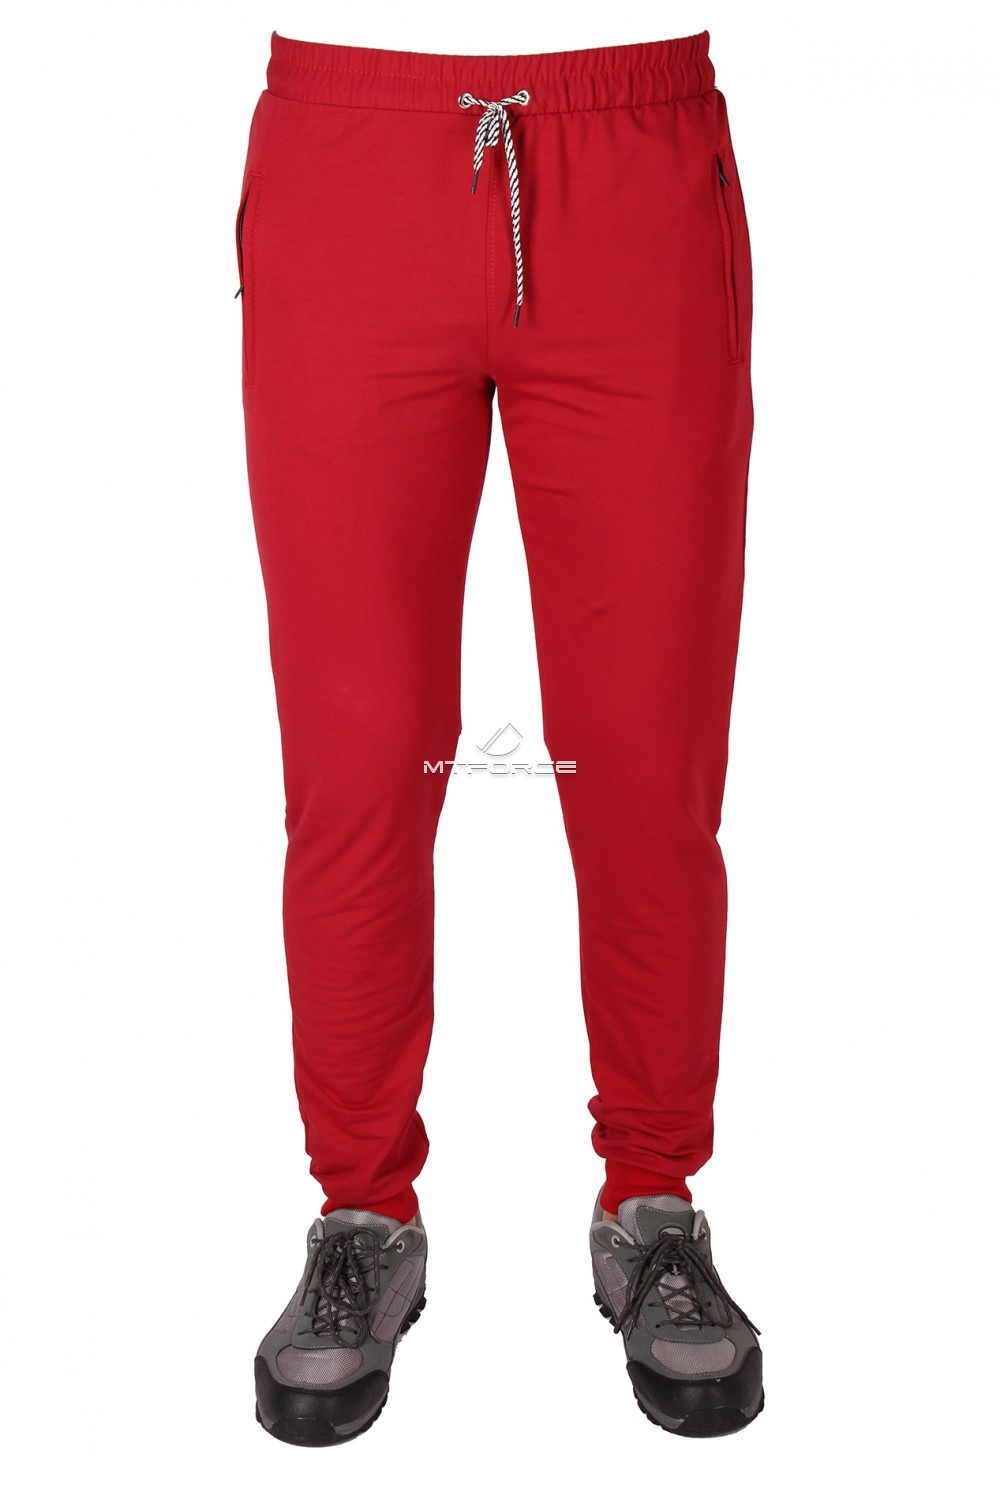 Купить оптом Брюки трикотажные мужские бордового цвета 1073Br в Екатеринбурге